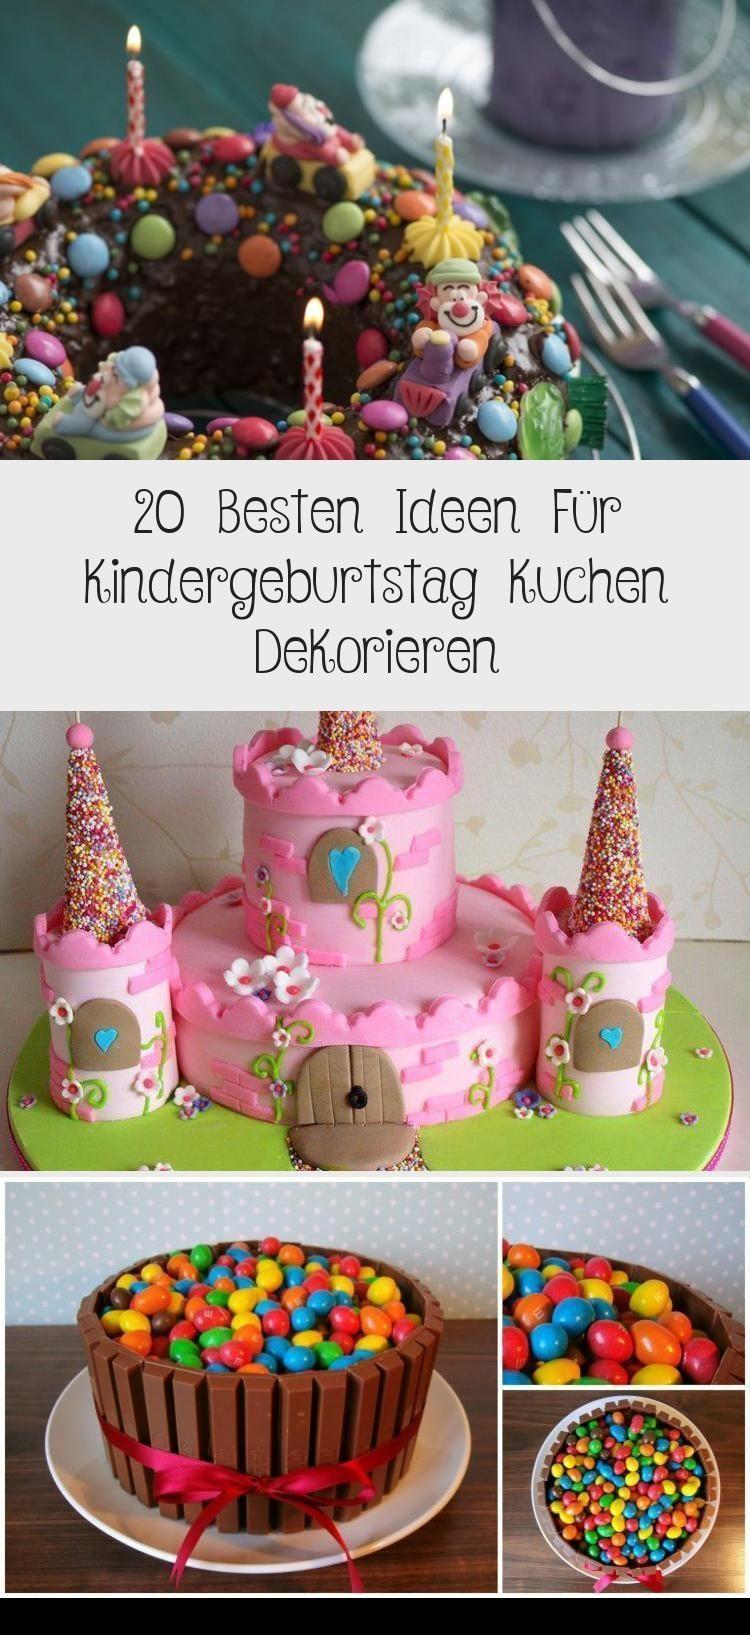 Photo of kinder kuchen.20 Besten Ideen Für Kindergeburtstag Kuchen Dekorieren #PinataKuc…